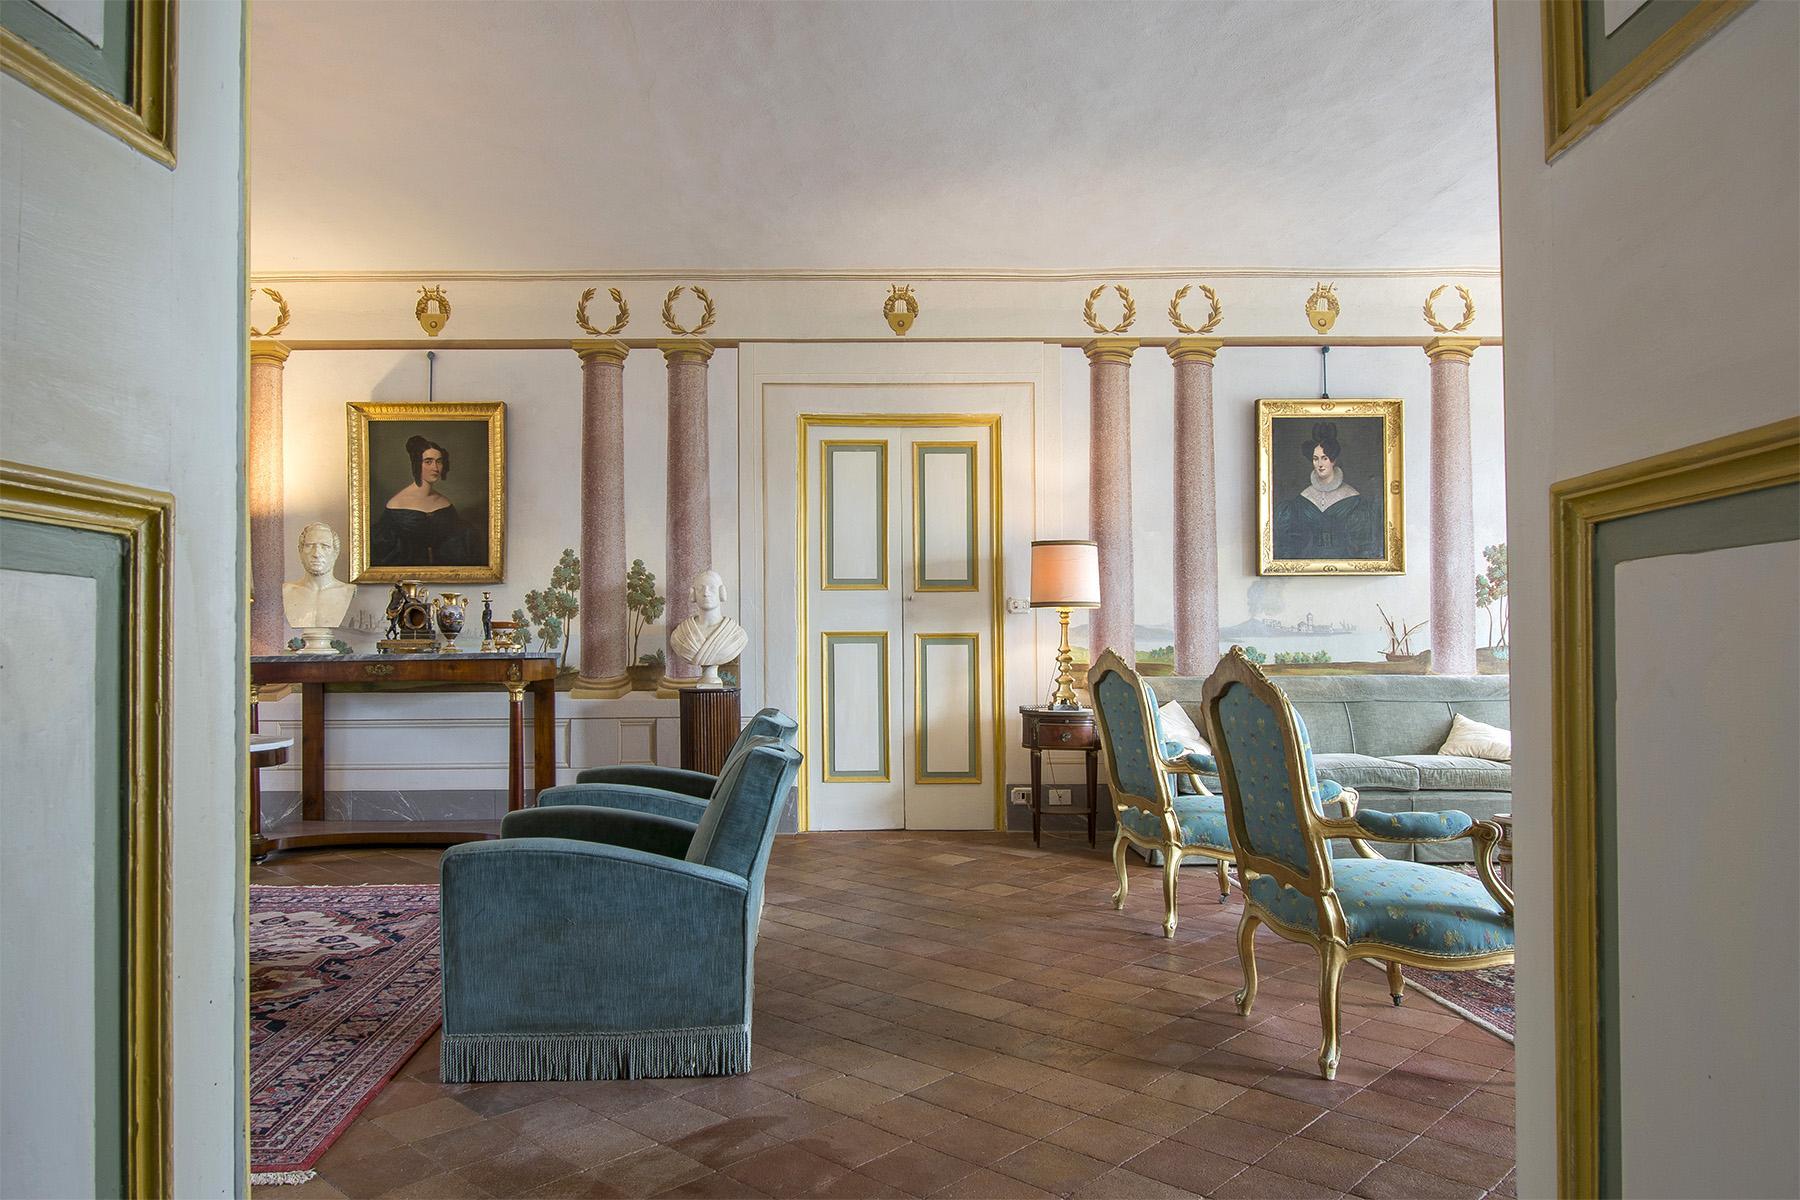 Villa historique près d'un village toscan médiéval - 6